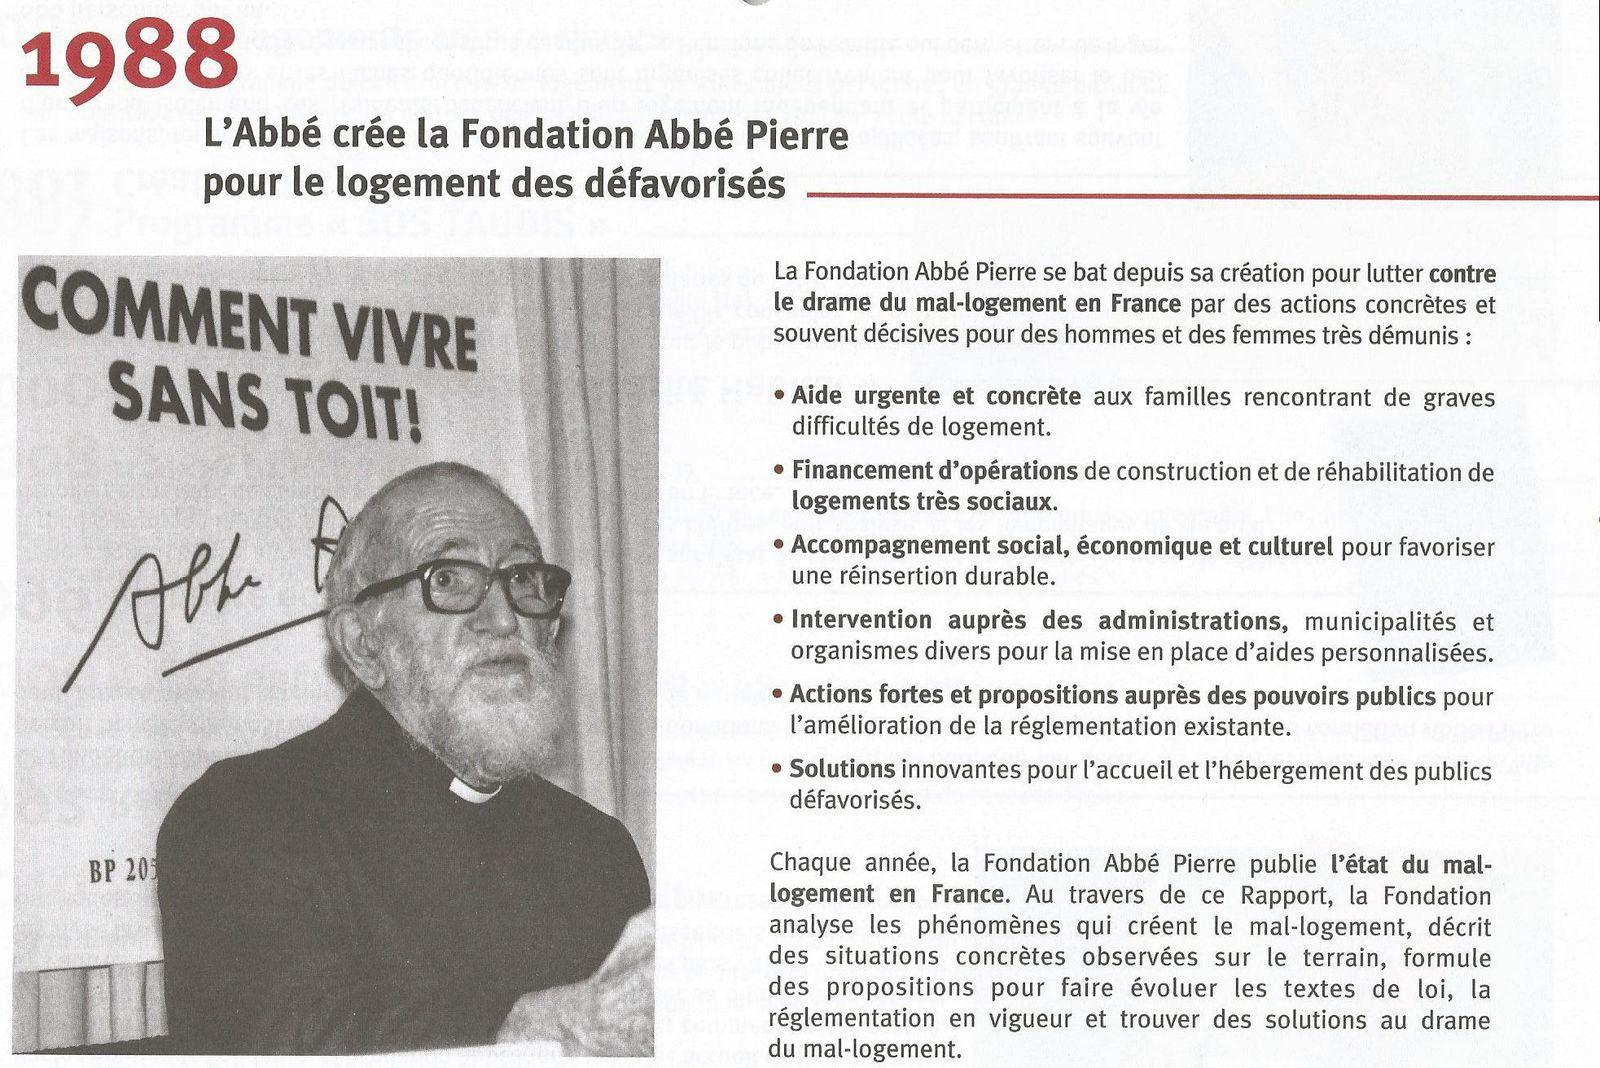 Fondation Abbé Pierre pour le logement des défavorisés, pour les sans logis et pour les mal logés...